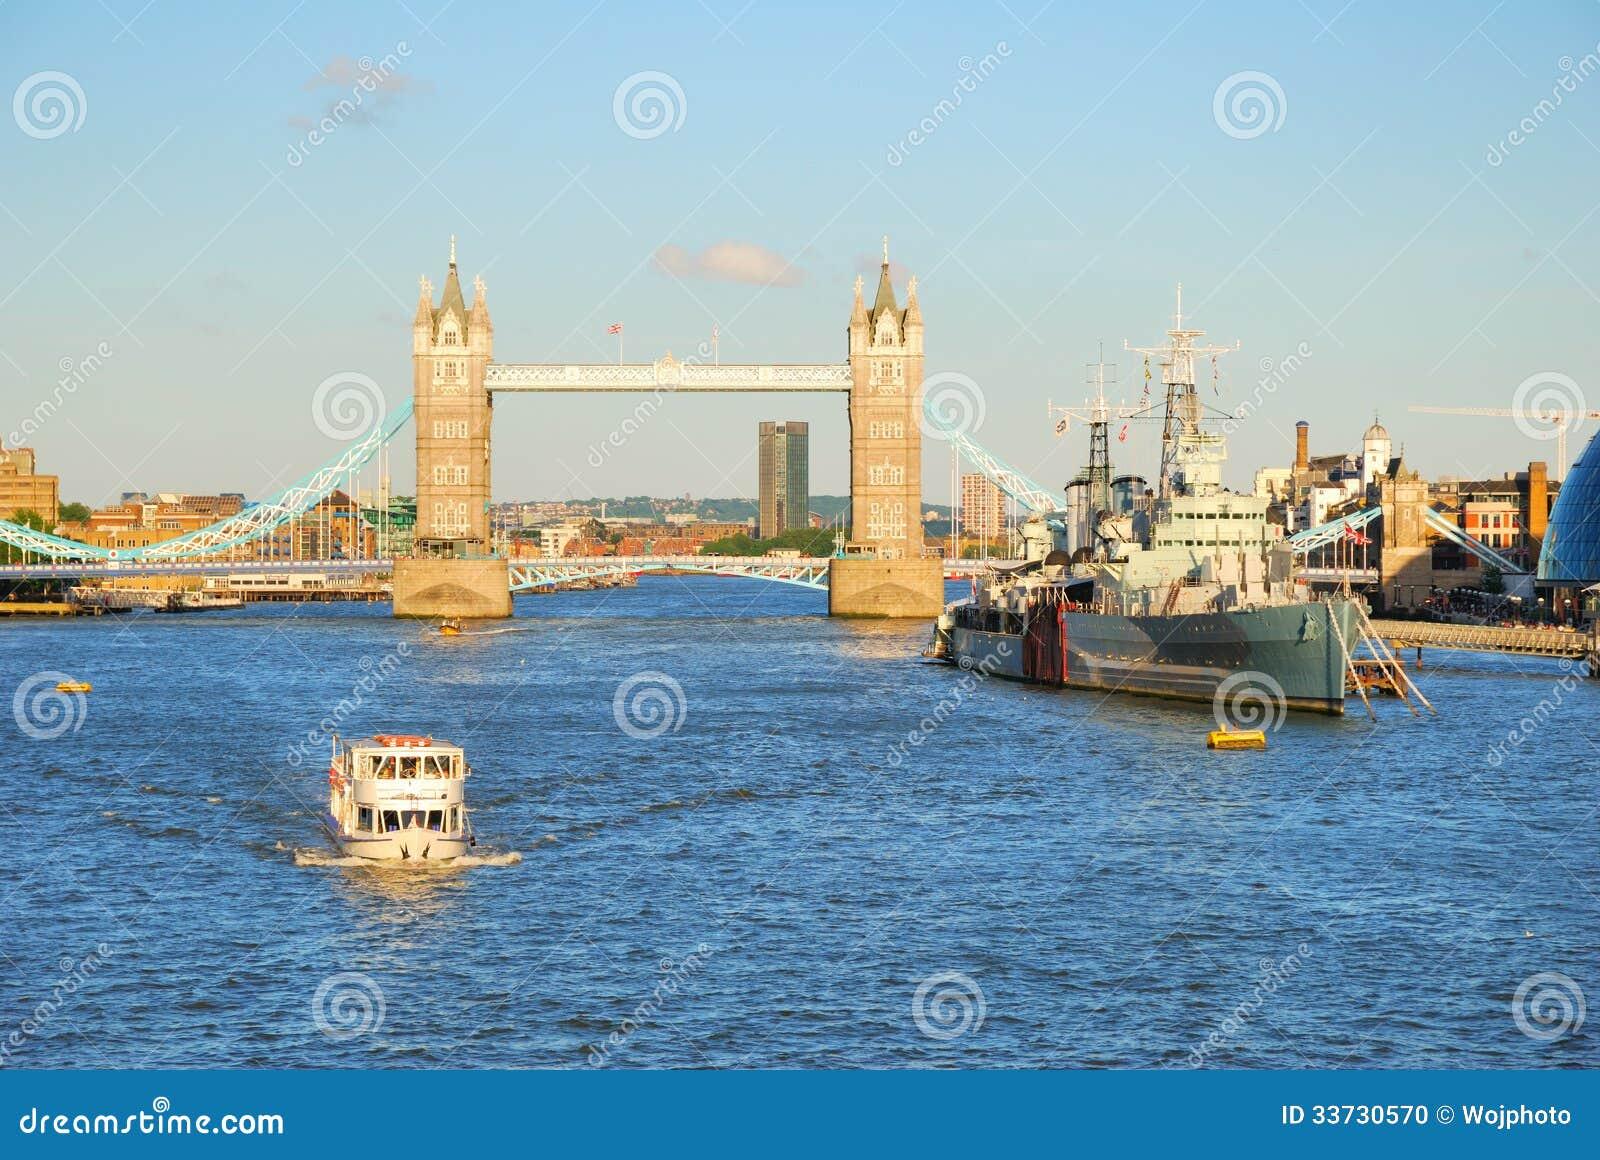 Мост башни Лондона и река Темза в вечере освещают